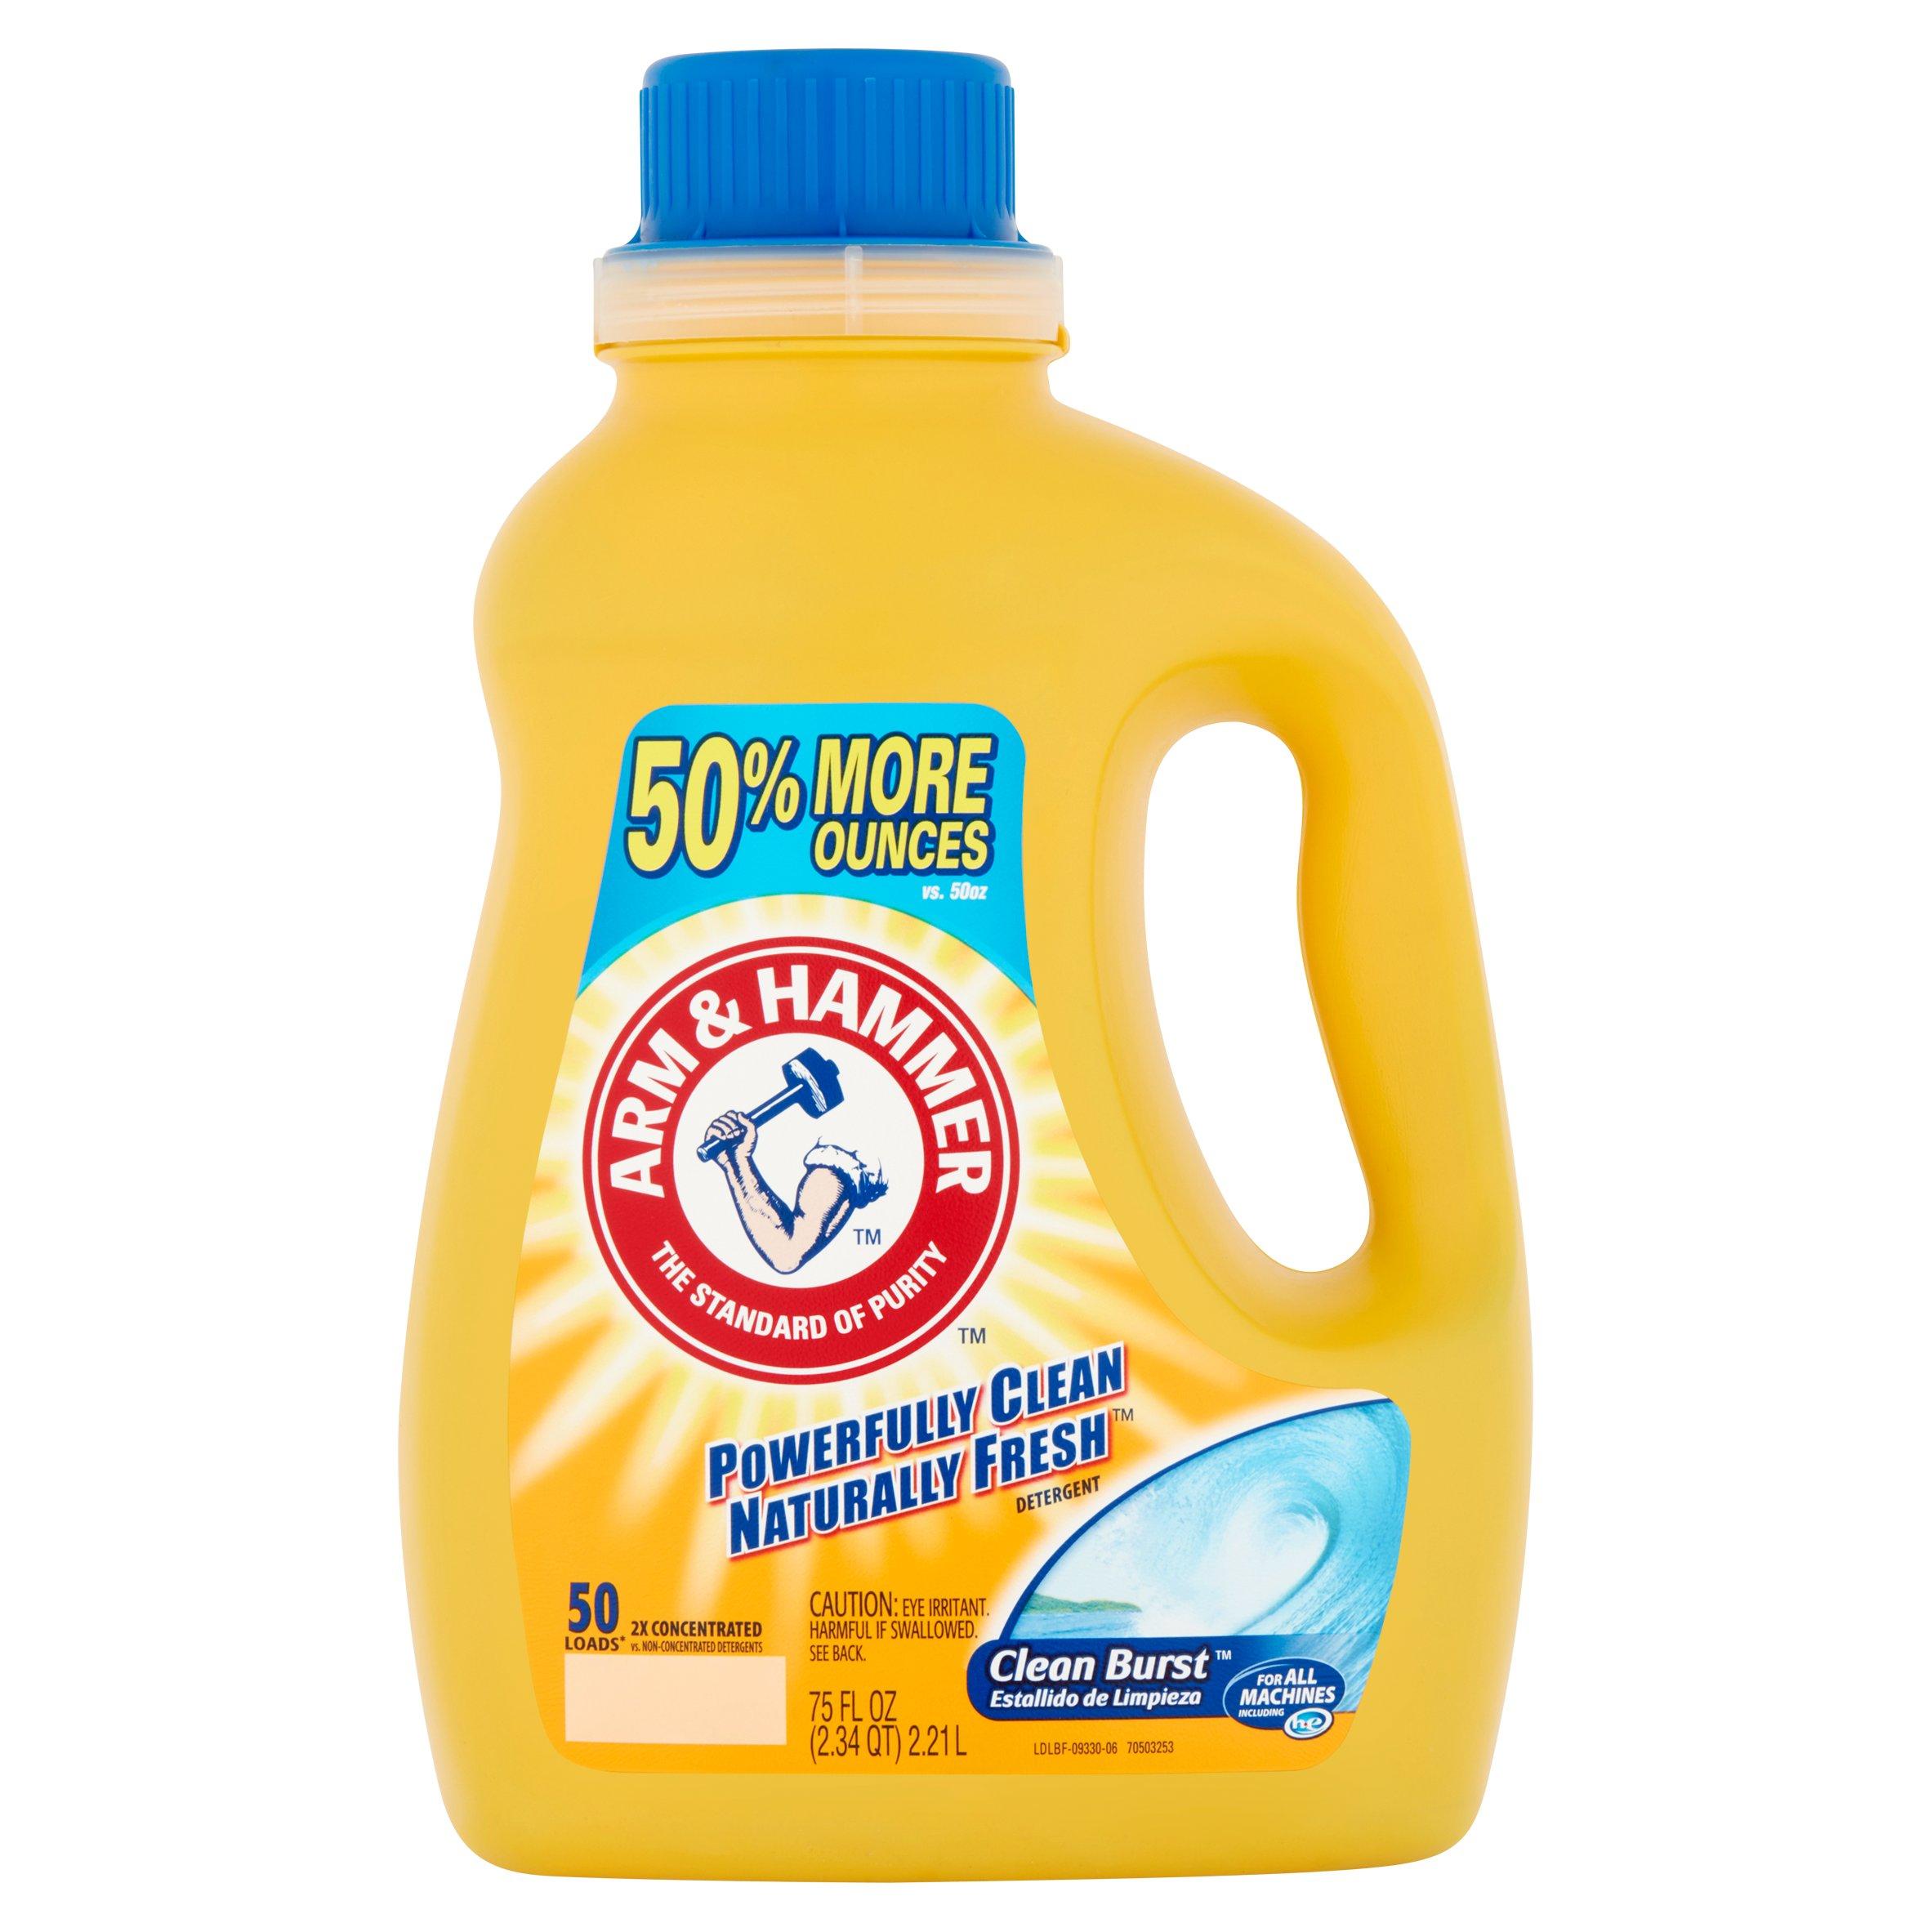 Arm & Hammer Powerfully Clean Naturally Fresh Clean Burst Detergent, 50 loads, 75 fl oz